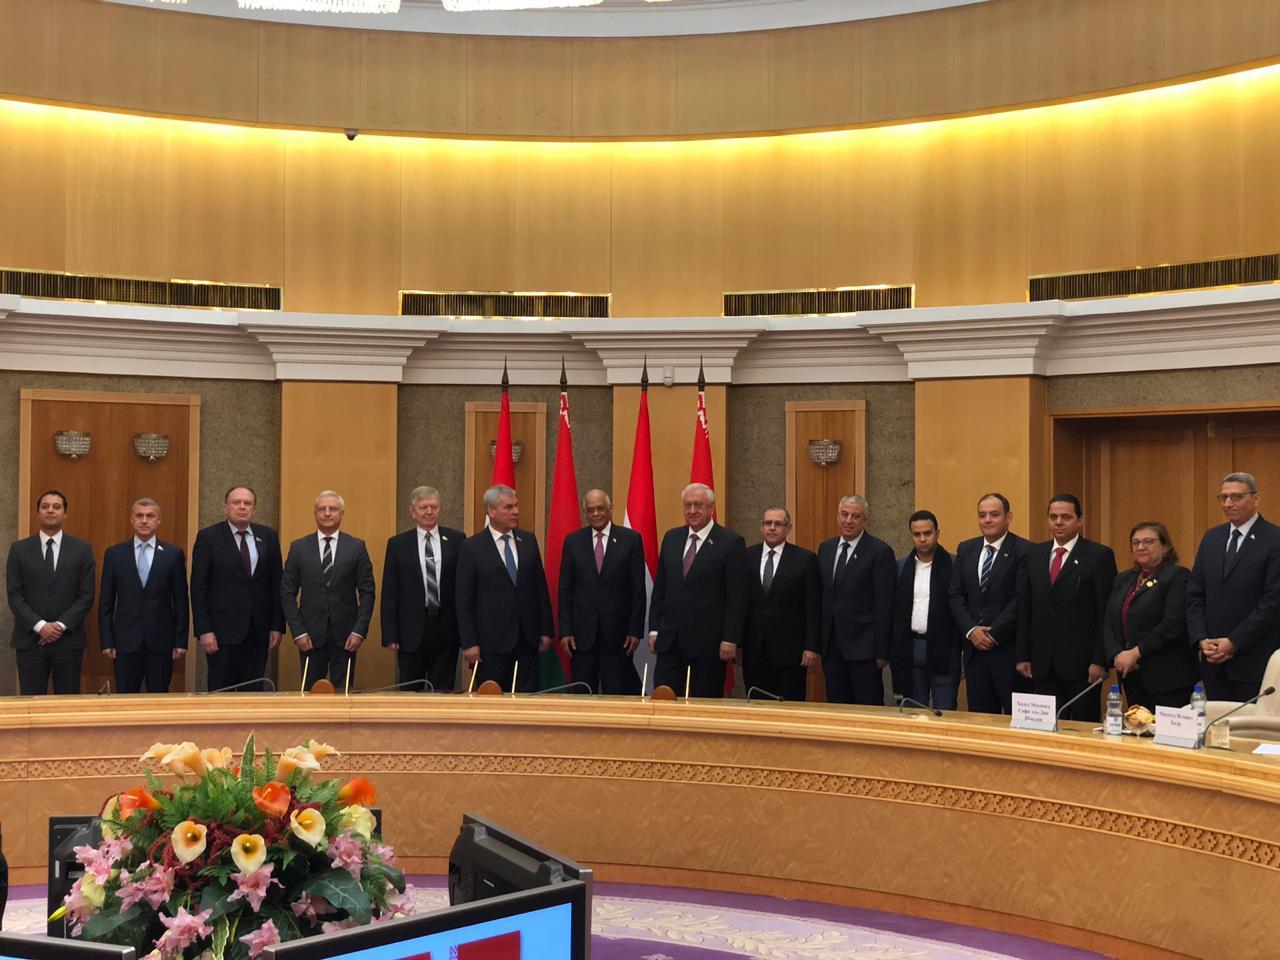 الدكتور على عبد العال يلتقي رئيسى غرفتى برلمان بيلاروسيا (4)